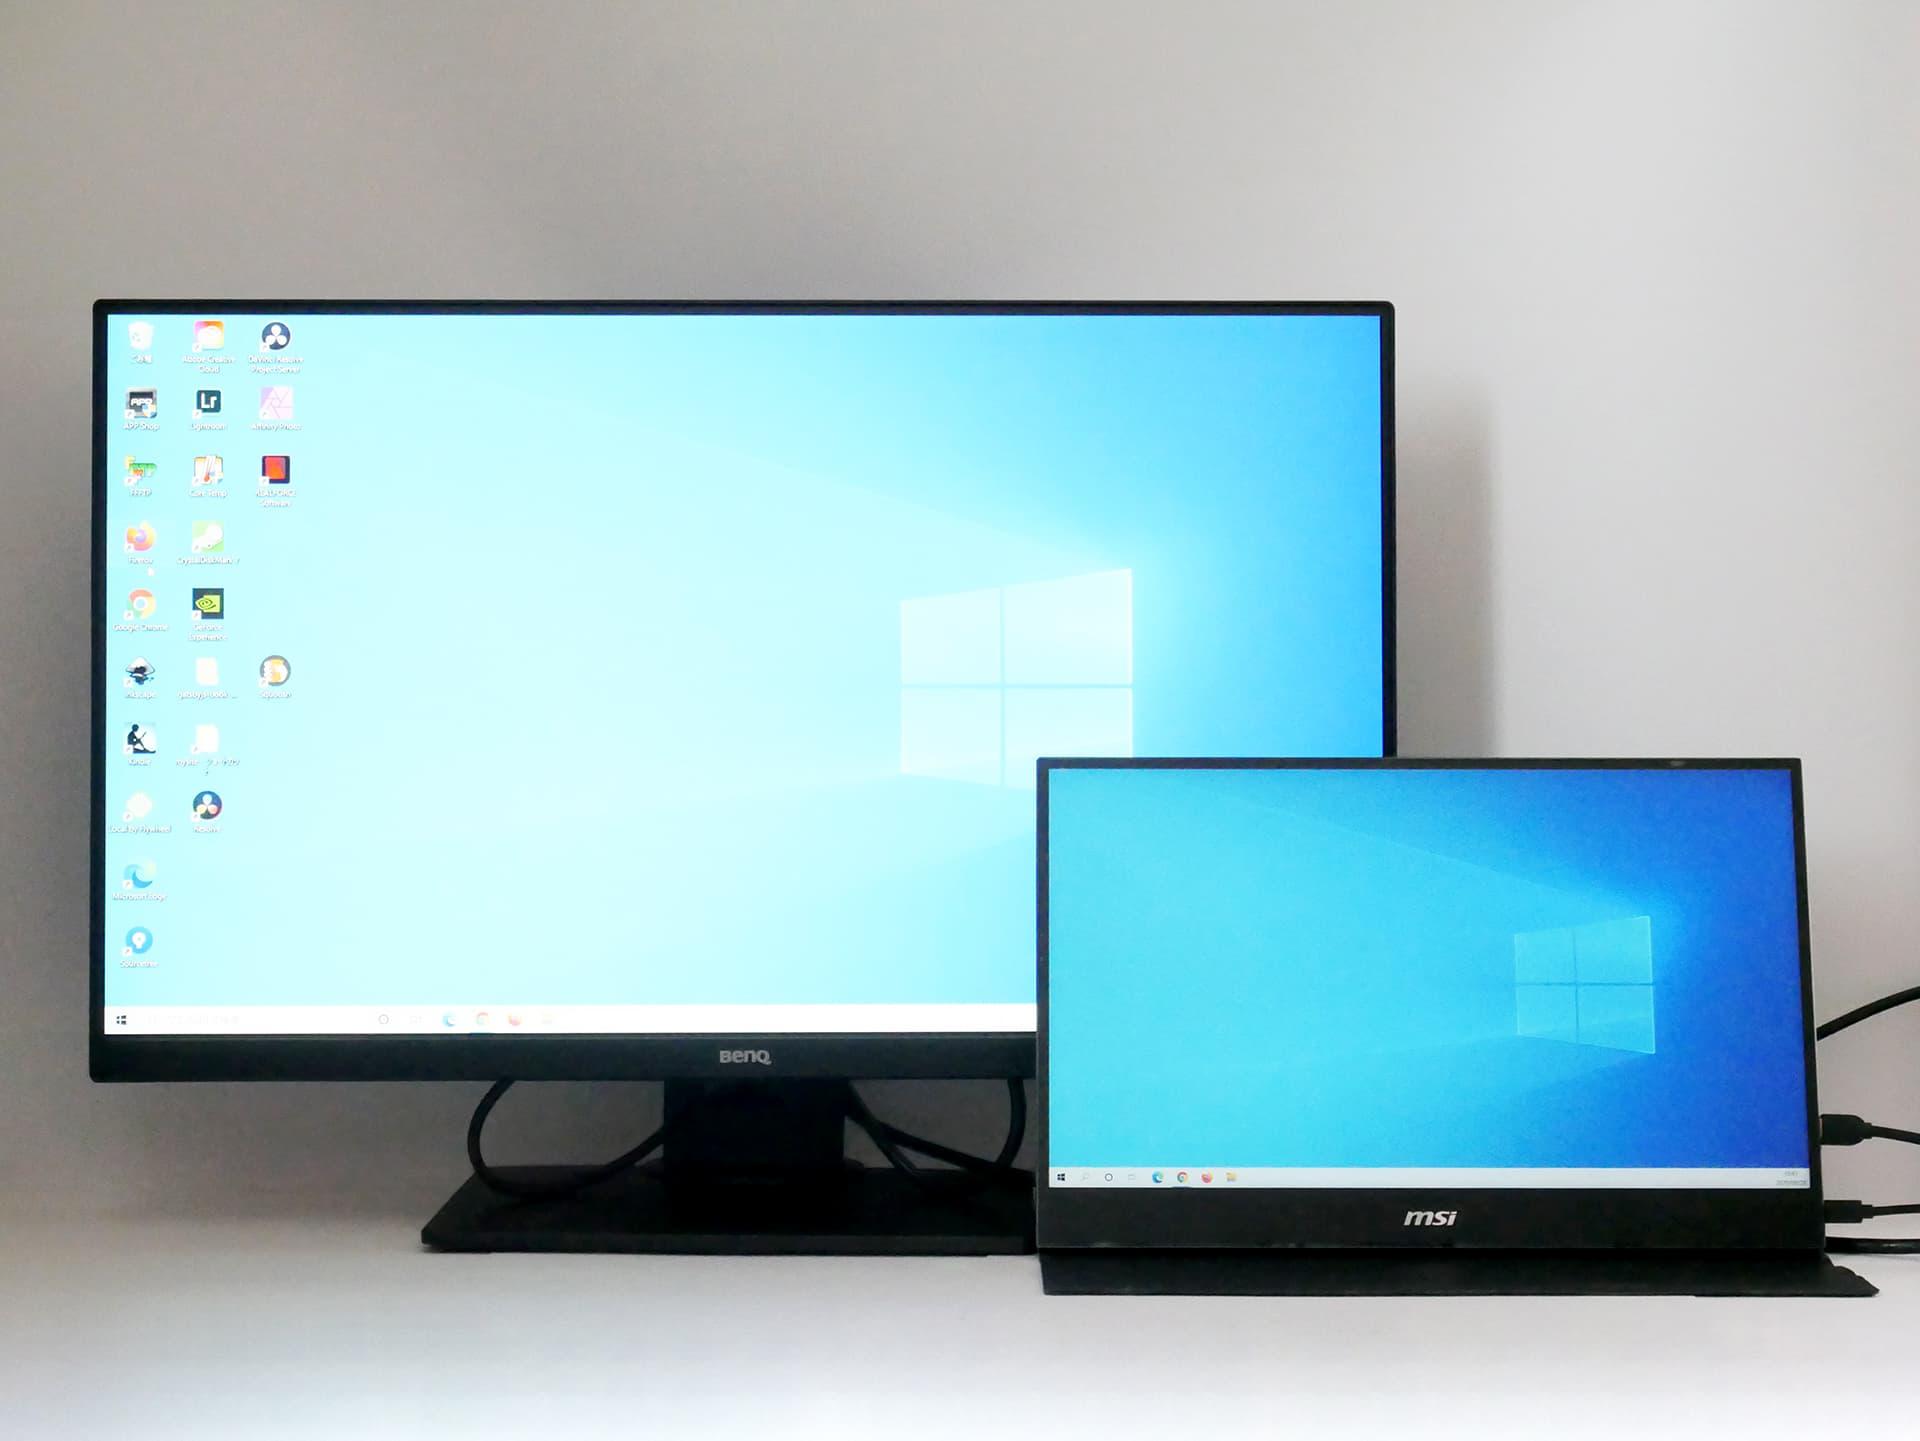 GW2780Tと15.6インチモニターの画面サイズ比較